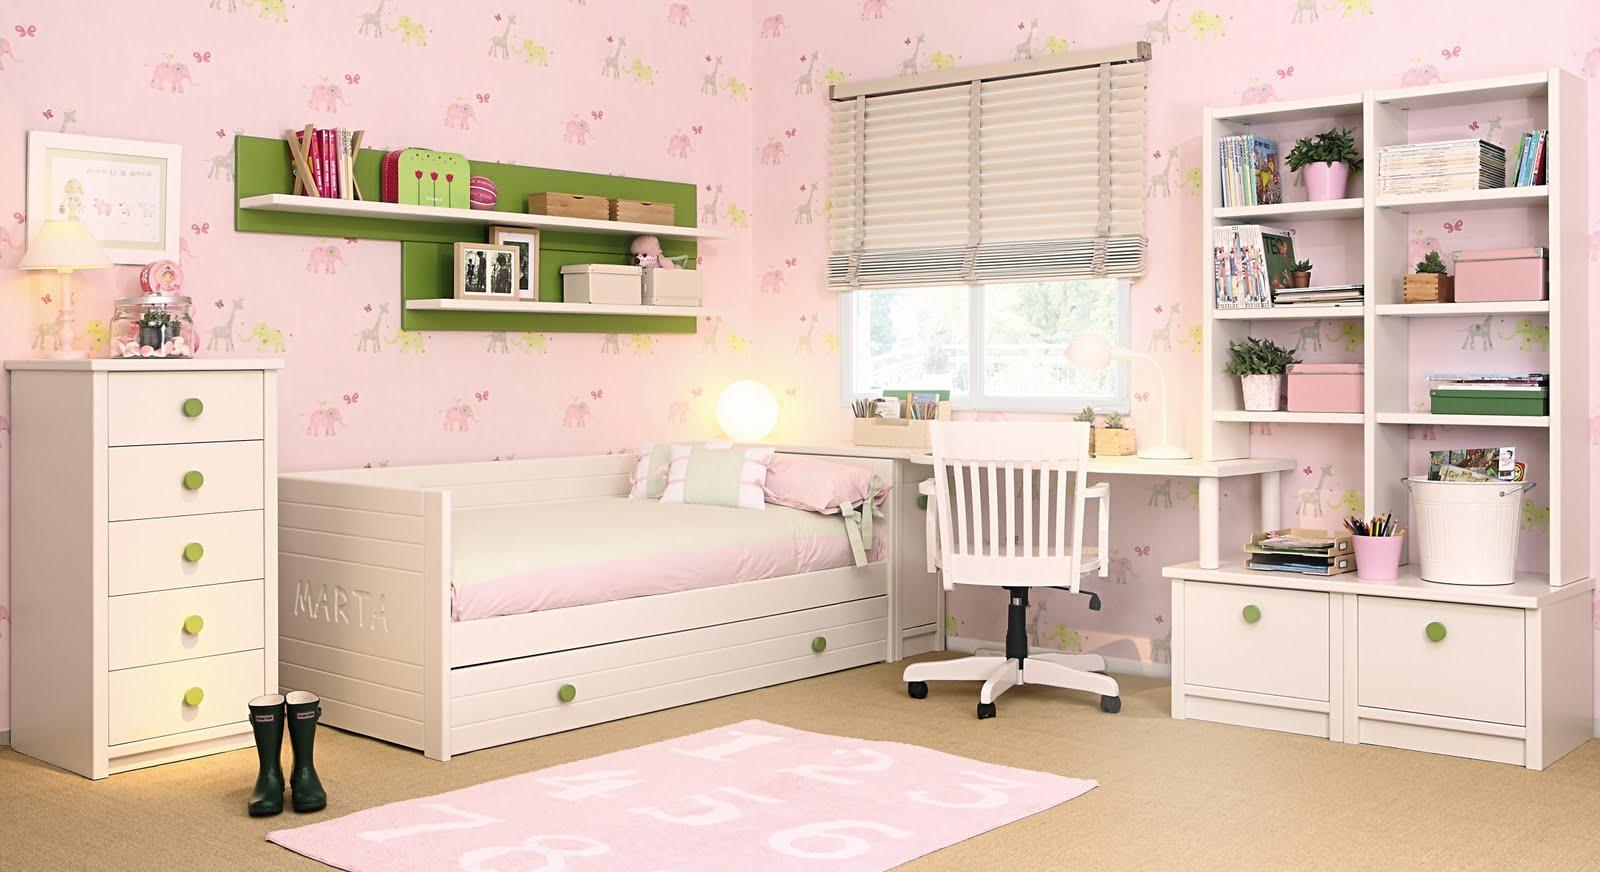 Avda de montecarmelo esquina avda santuario de for Muebles de dormitorio infantil